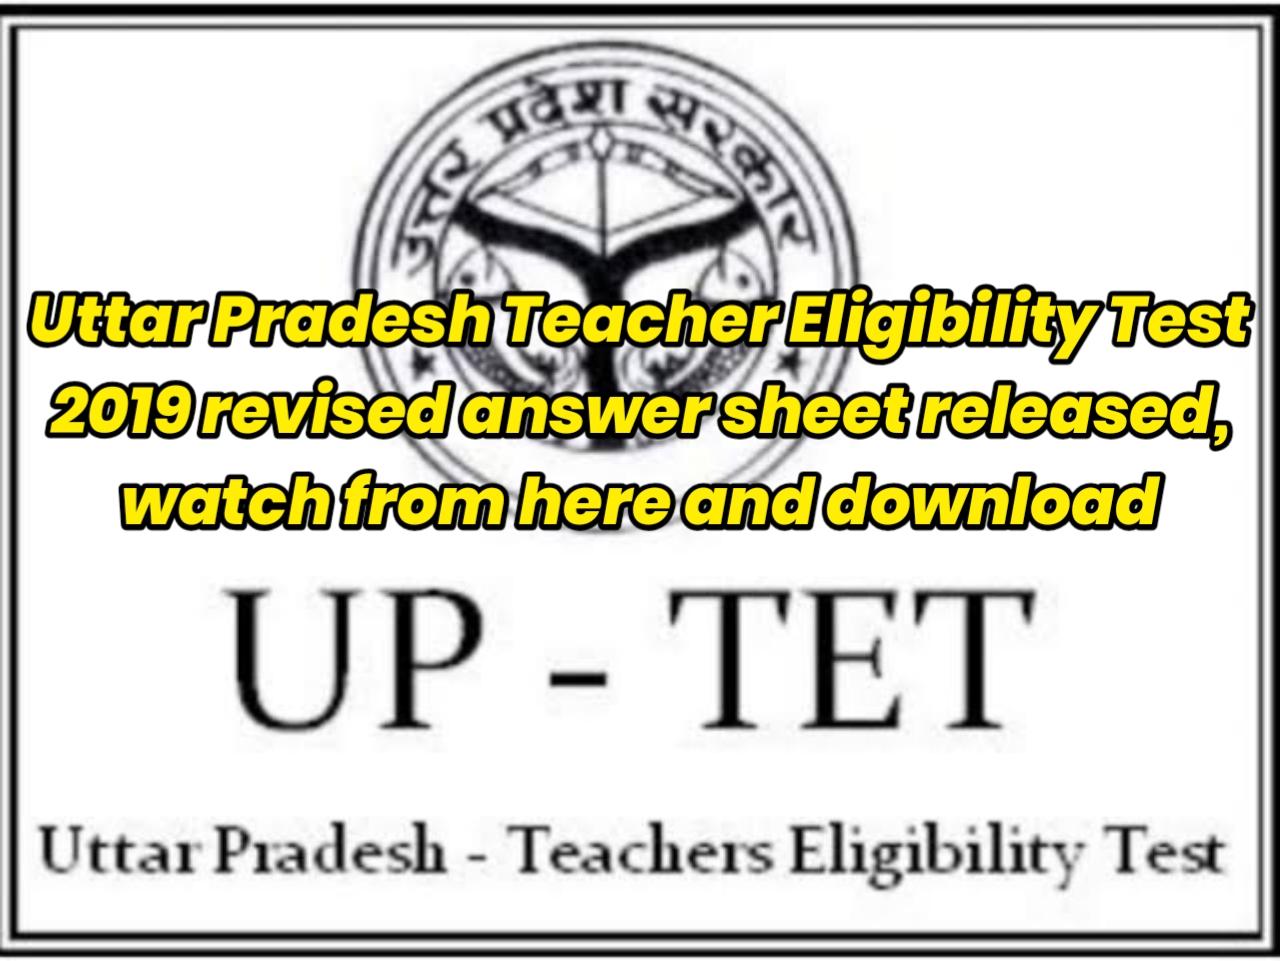 उत्तर प्रदेश शिक्षक पात्रता परीक्षा 2019 की संशोधित उत्तरमाला हुई जारी यहां से देखिए एवं डाउनलोड कीजिए Uttar Pradesh Teacher Eligibility Test 2019 revised answer sheet released, watch from here and download